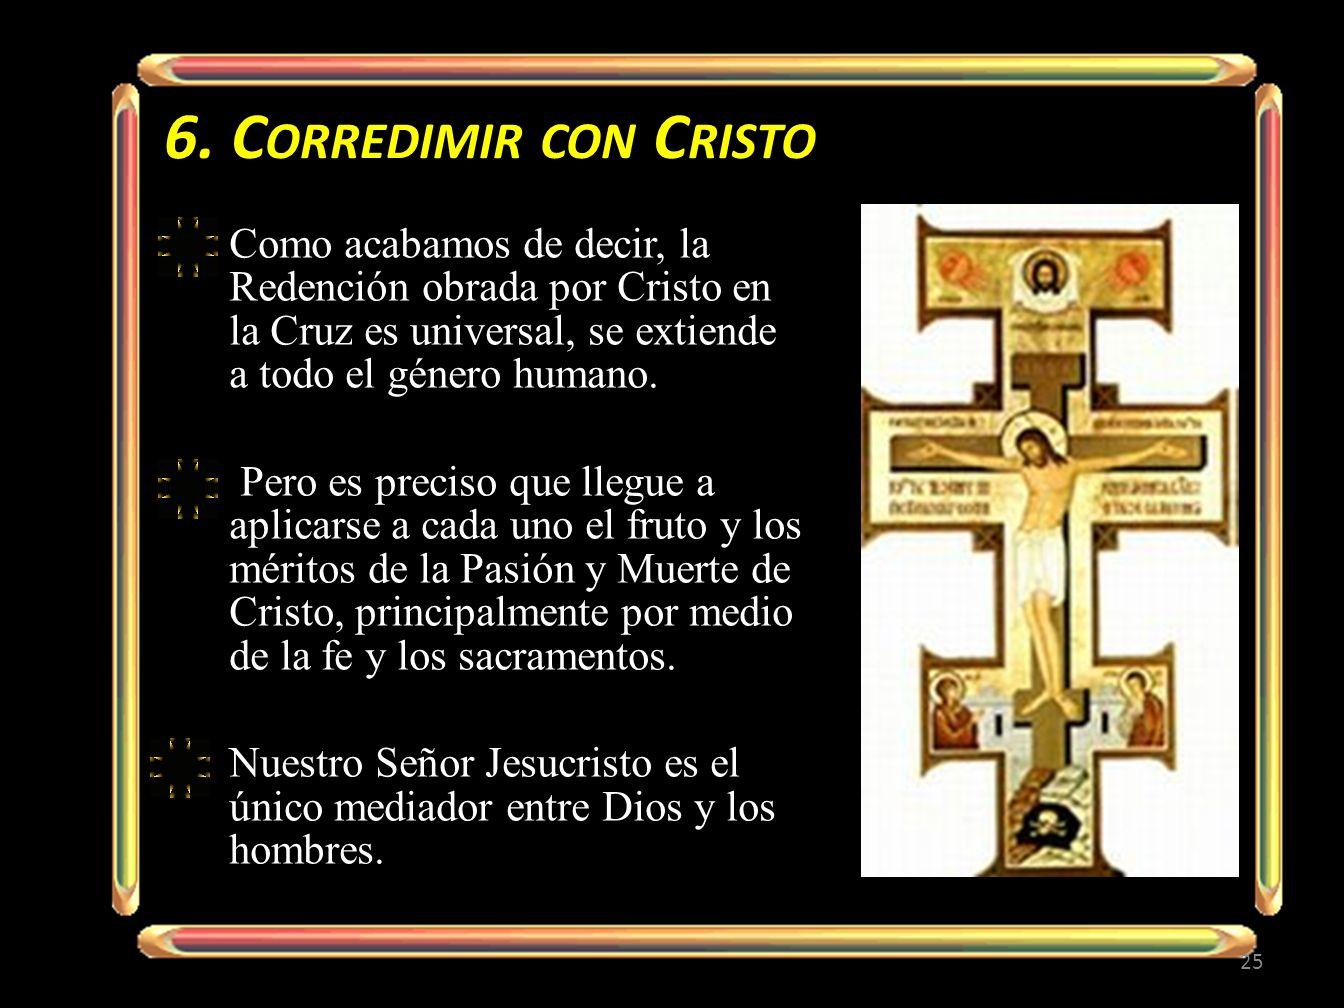 6. Corredimir con Cristo Como acabamos de decir, la Redención obrada por Cristo en la Cruz es universal, se extiende a todo el género humano.